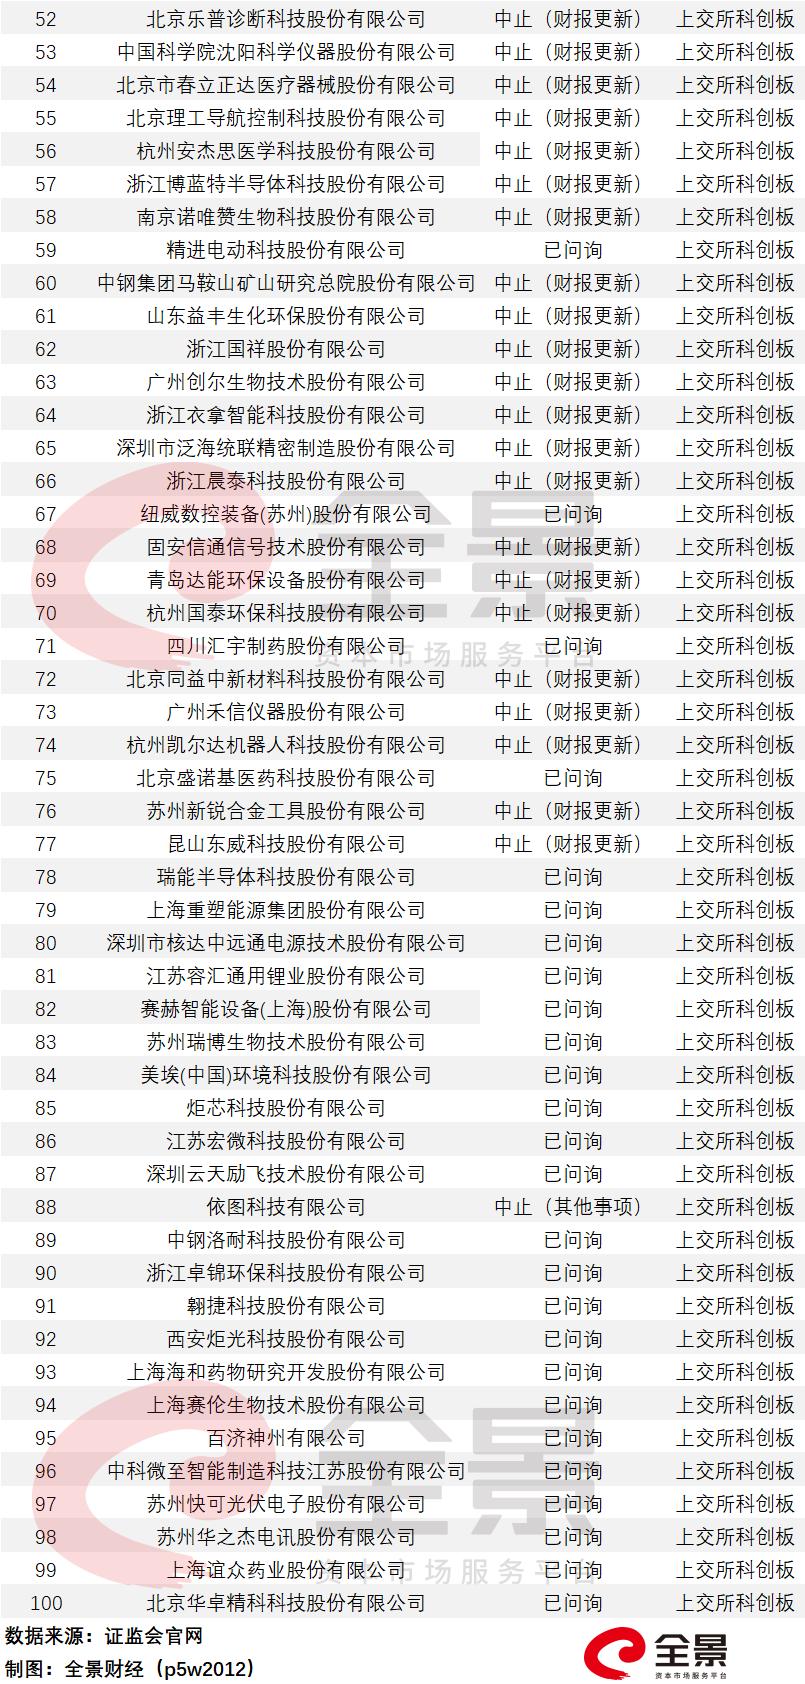 收录网站_961家排队A股IPO!酒仙网拟冲刺创业板(附最新IPO排队名单)插图8